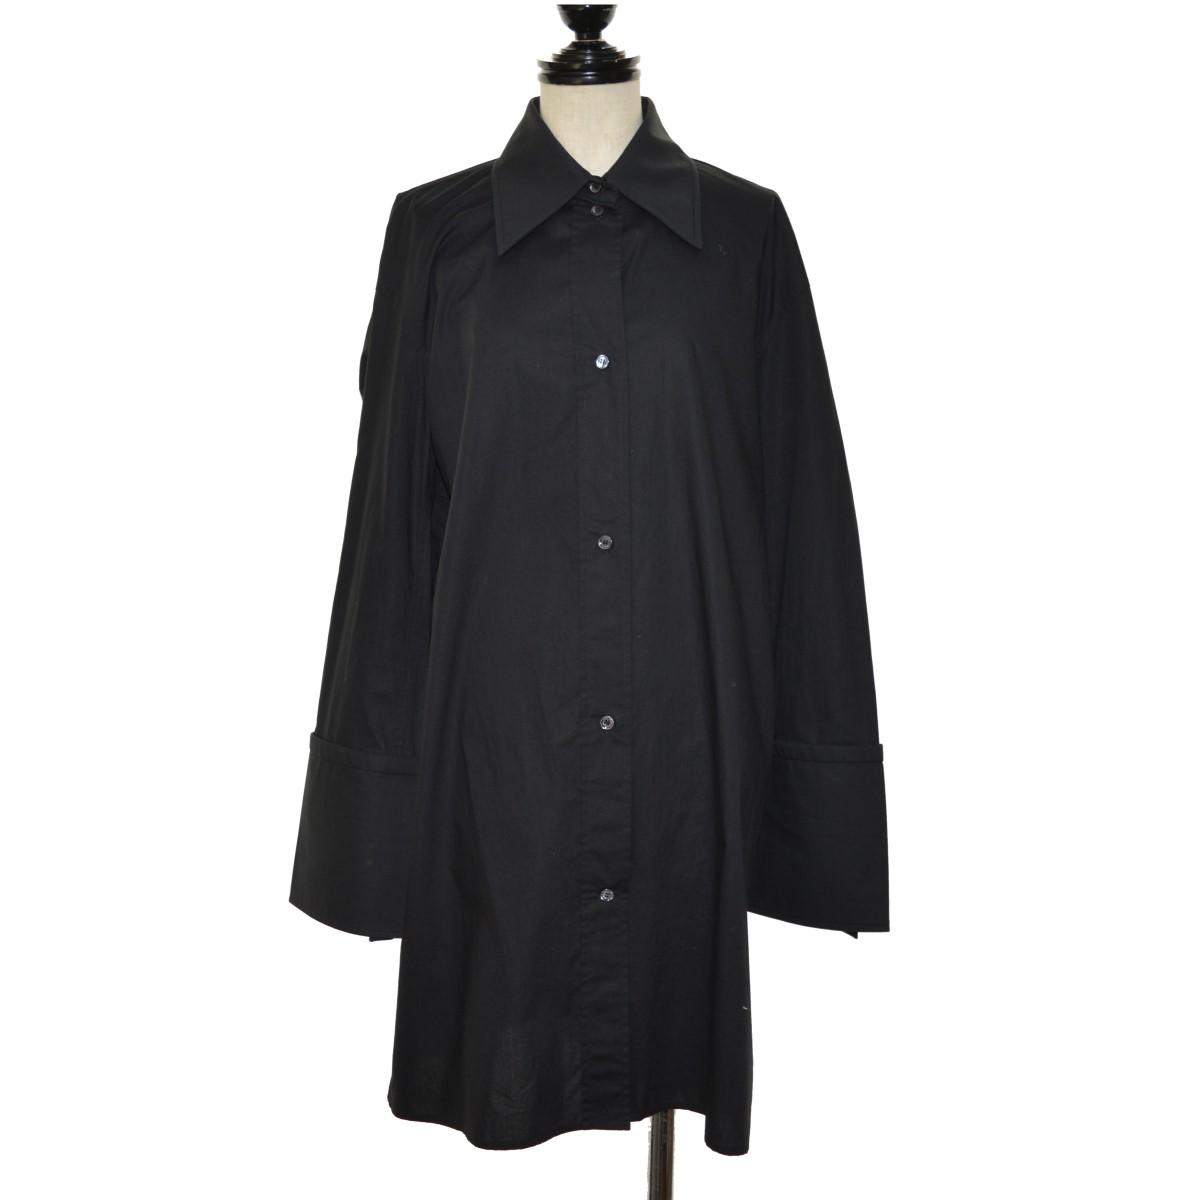 【中古】CELINE ロングポプリンシャツ ブラック サイズ:34 【240220】(セリーヌ)